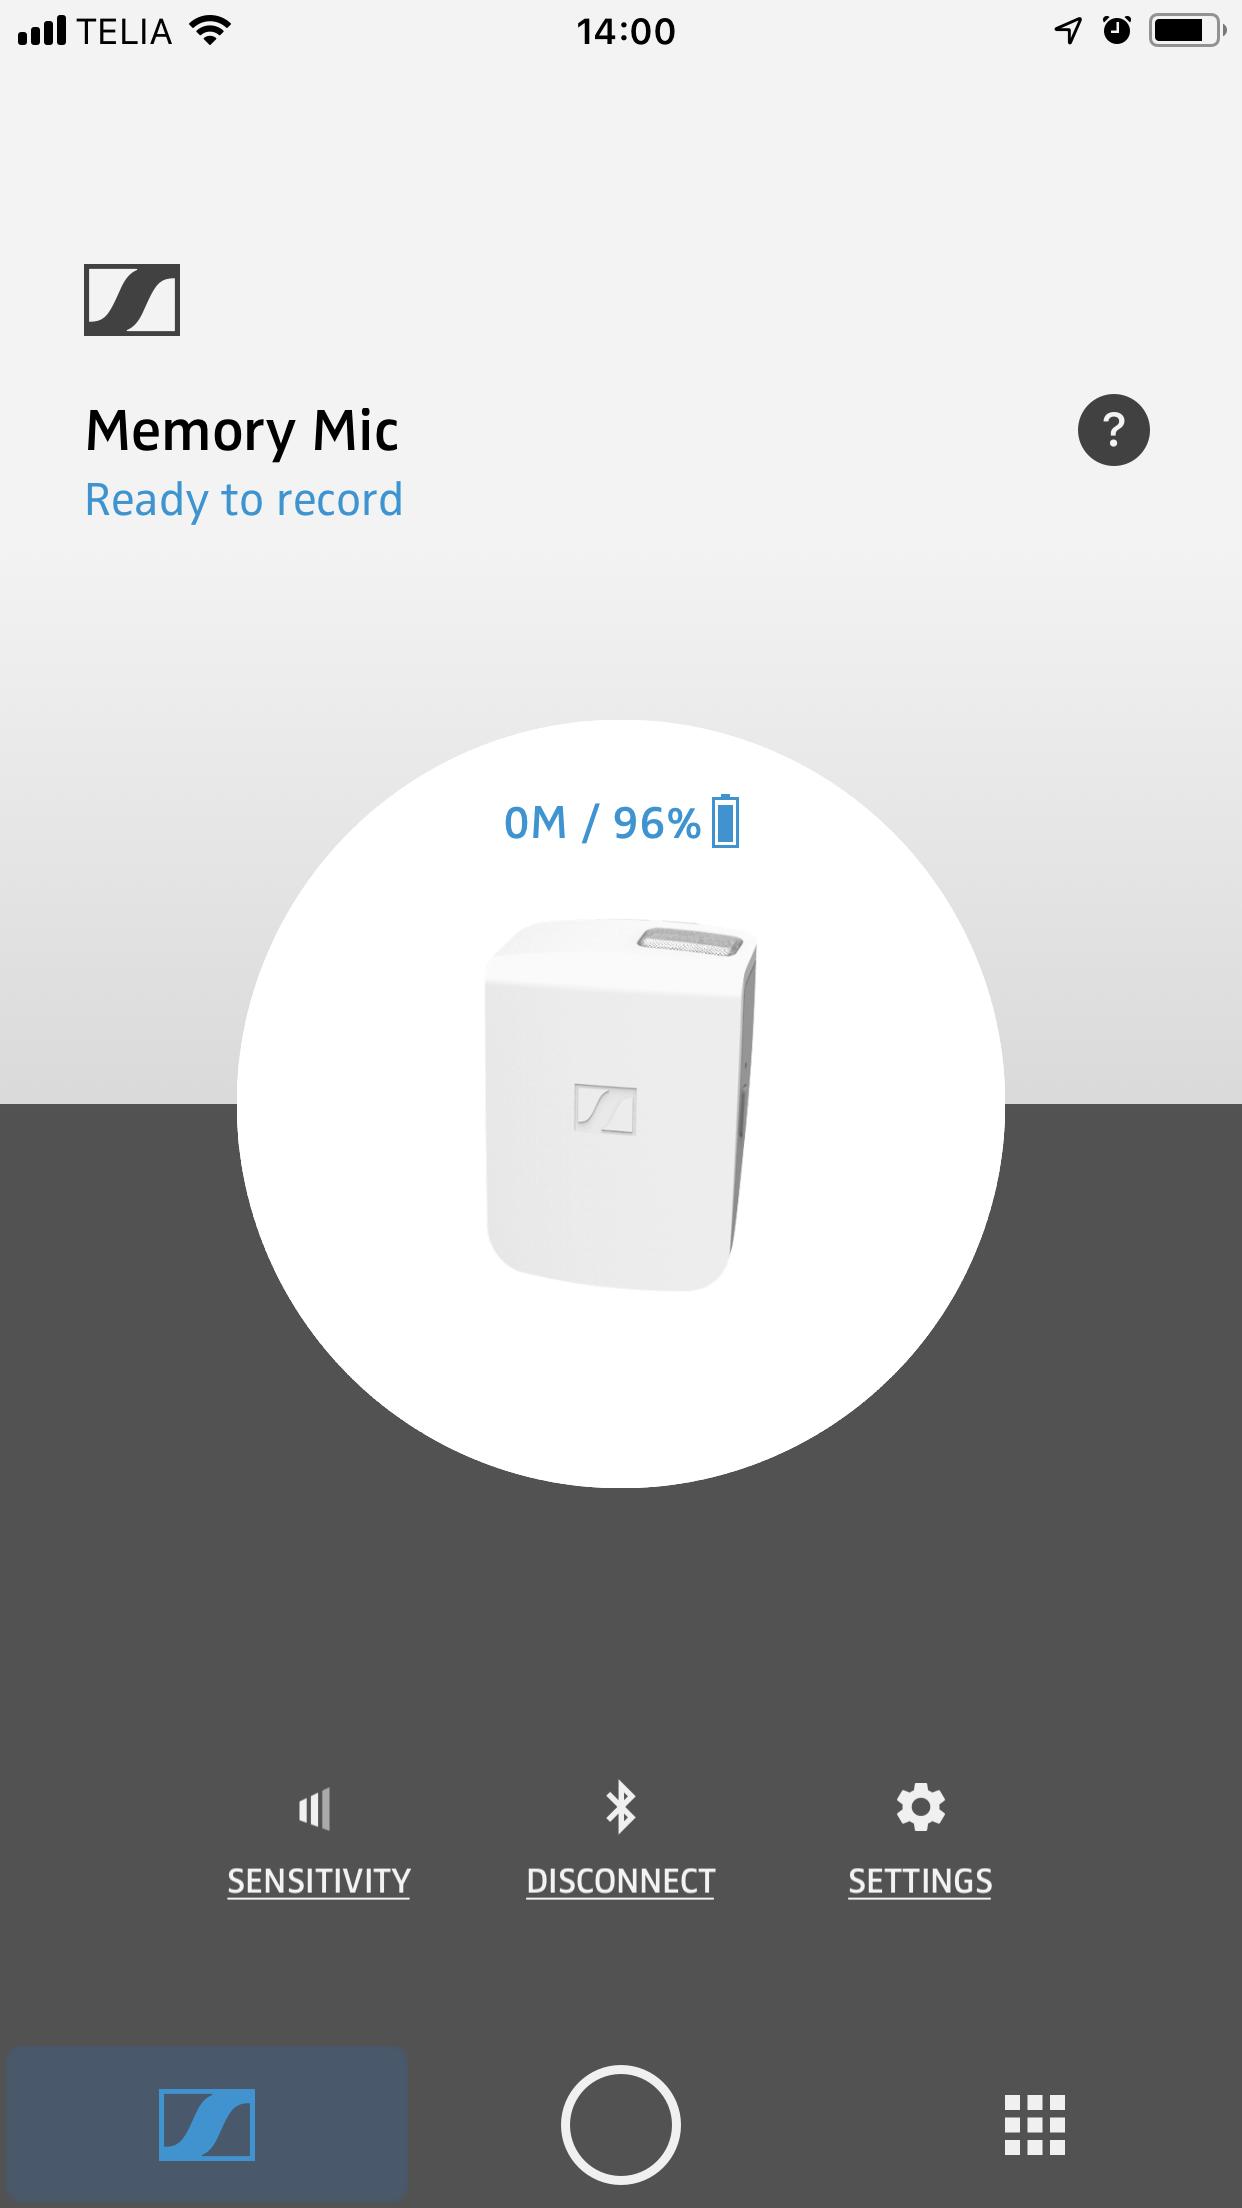 Applikationen för att styra Memory Mic finns för Android eller iOS.